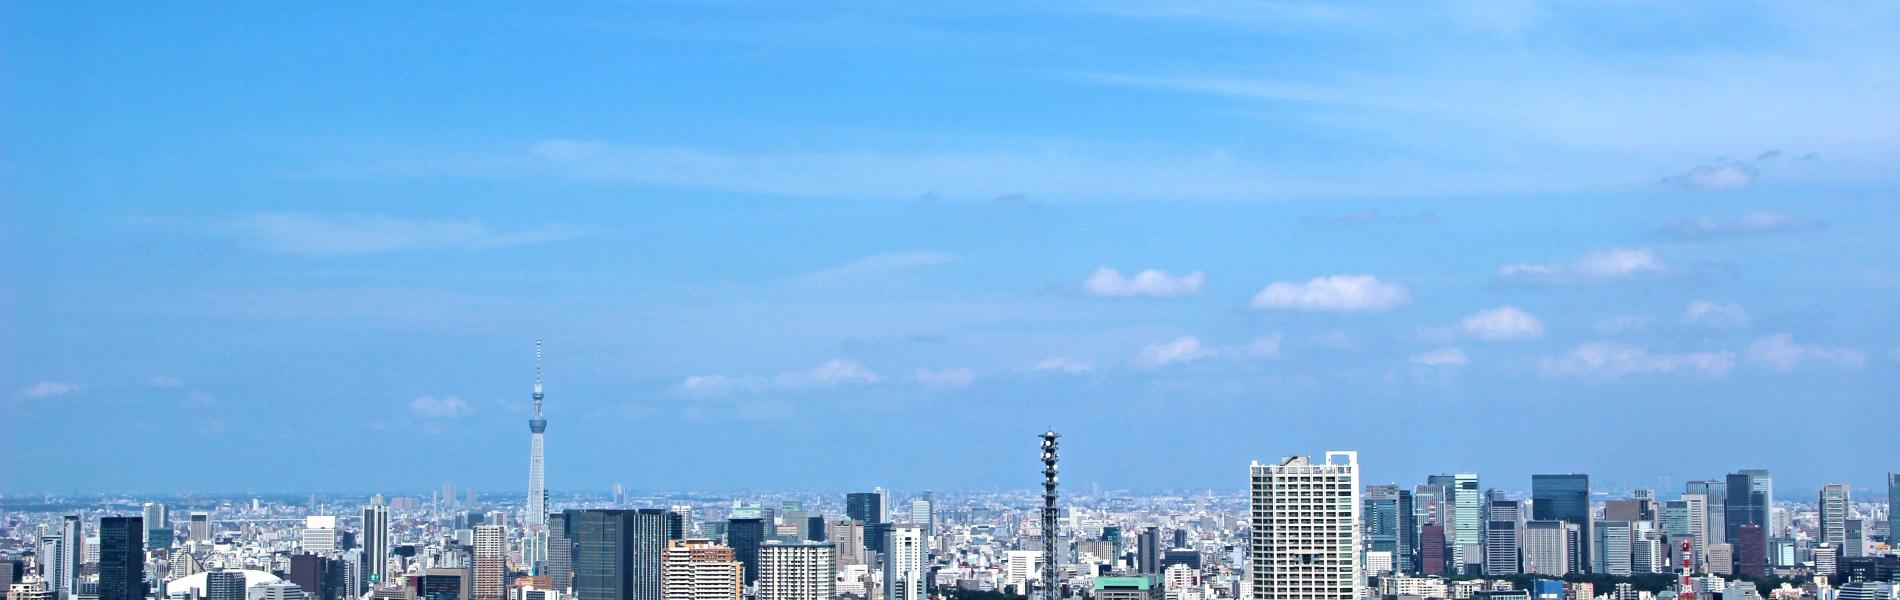 東京の街並み写真